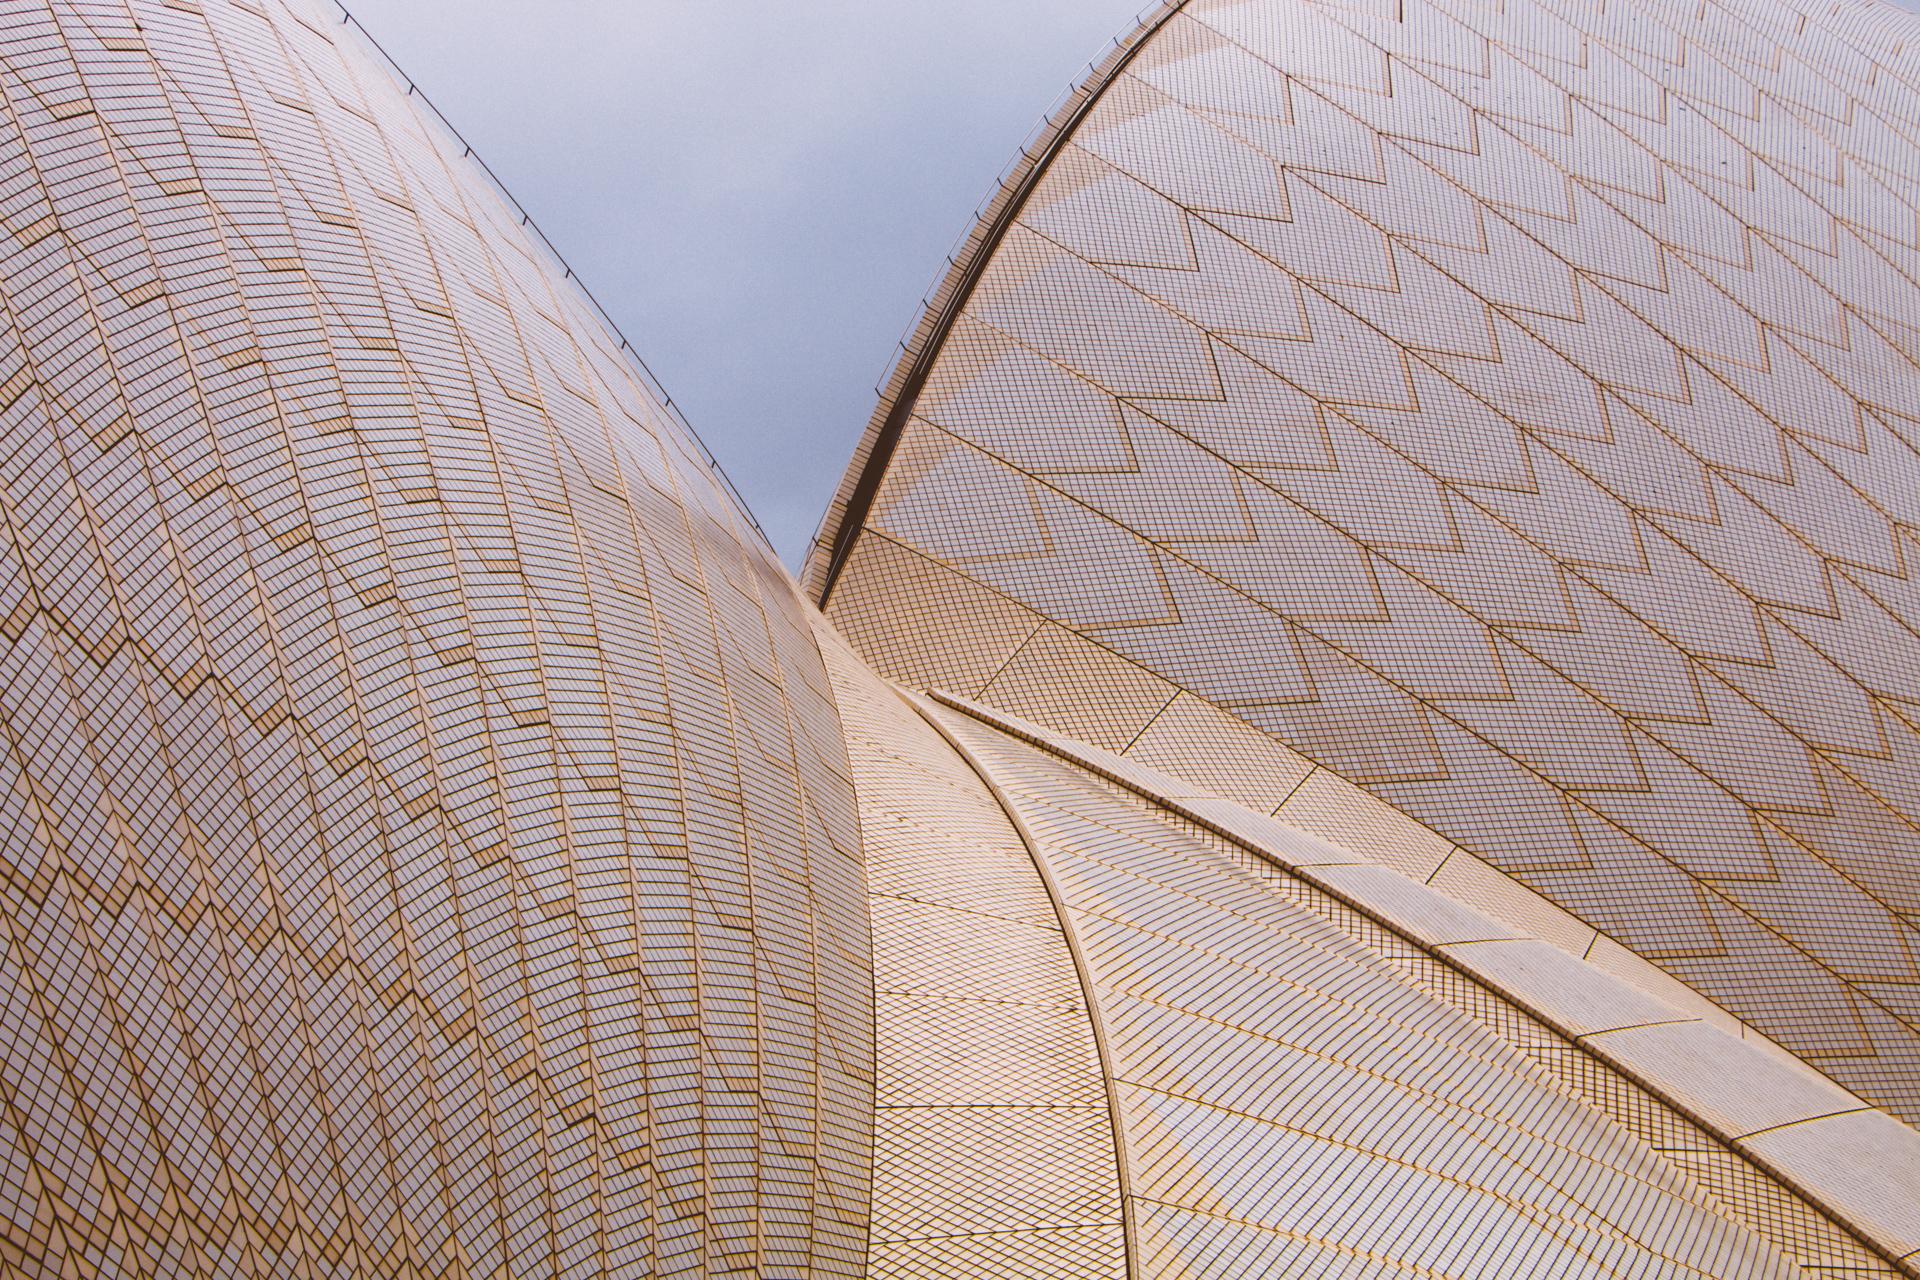 Sydney Opera House Closeup texture